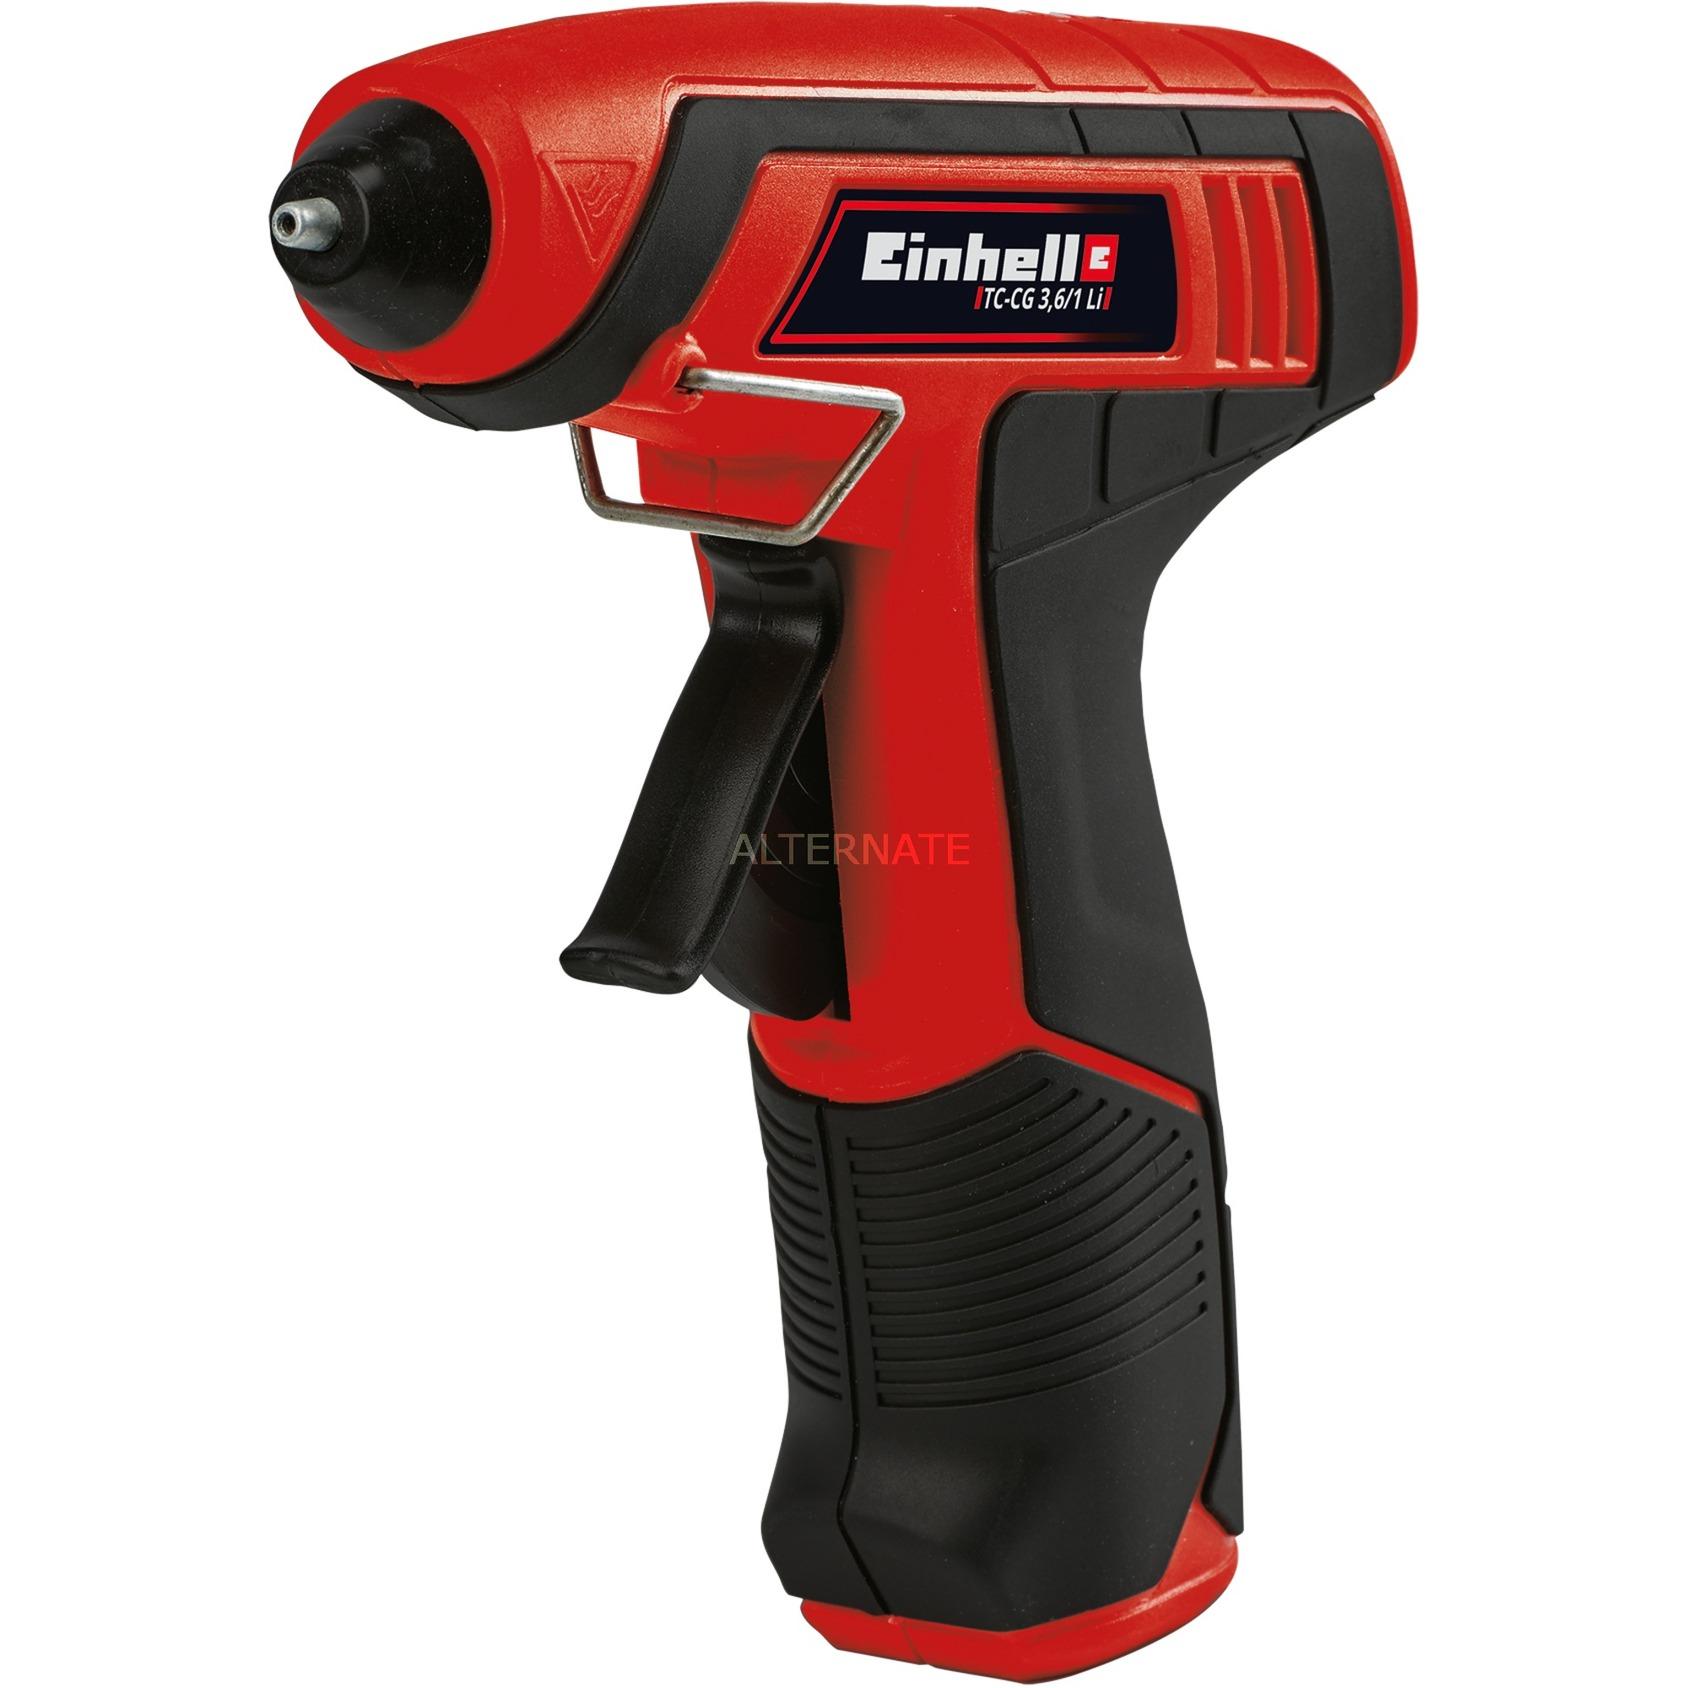 TC-CG 3.6/1 Li hot glue gun/pen Negro, Rojo, Pistolas termoencoladoras